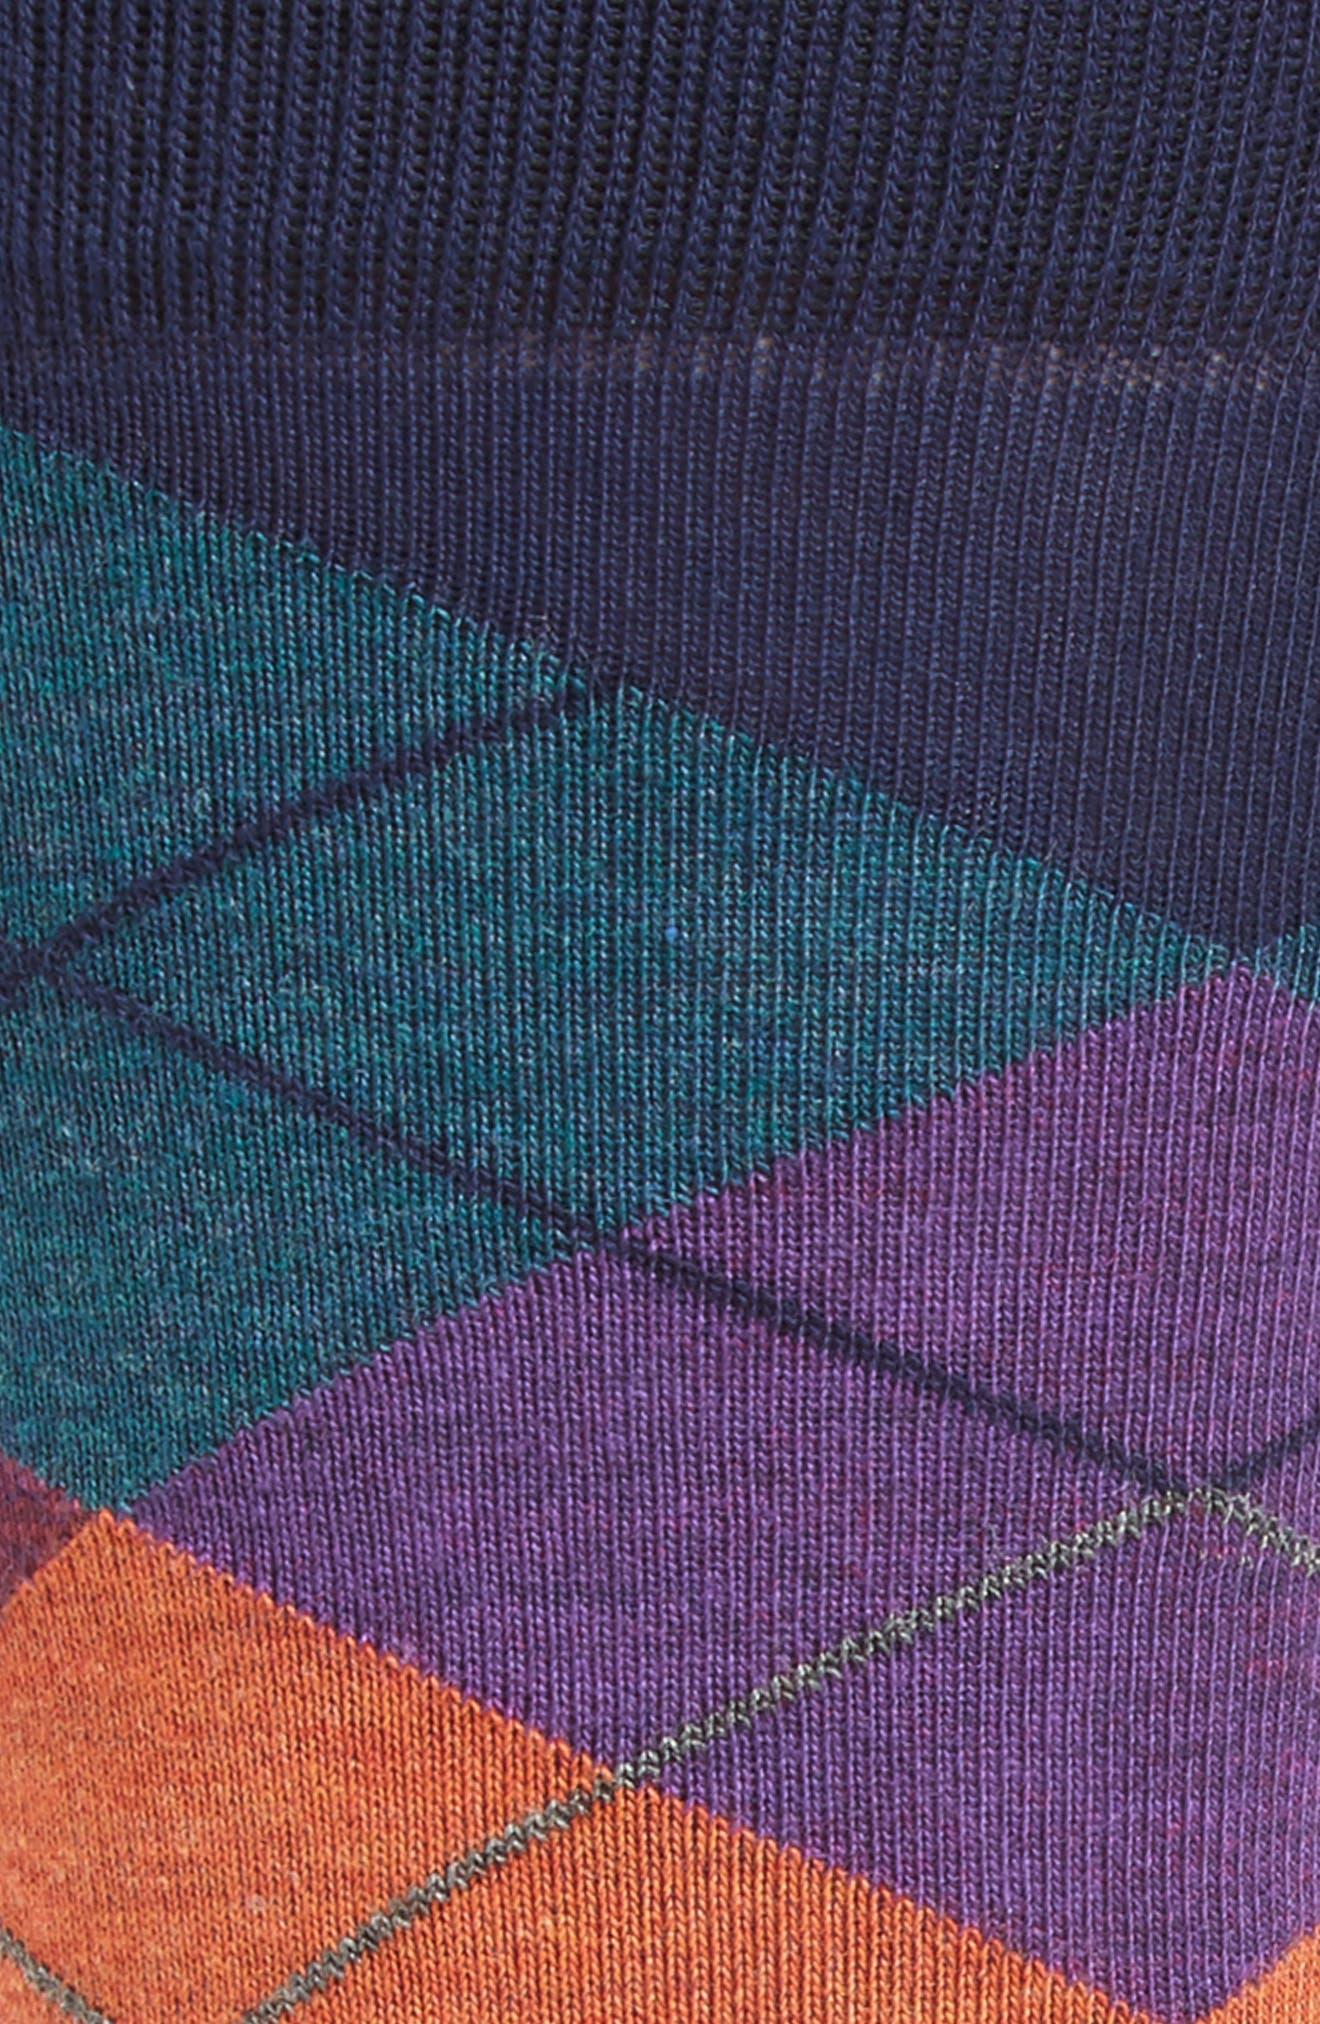 Argyle Socks,                             Alternate thumbnail 9, color,